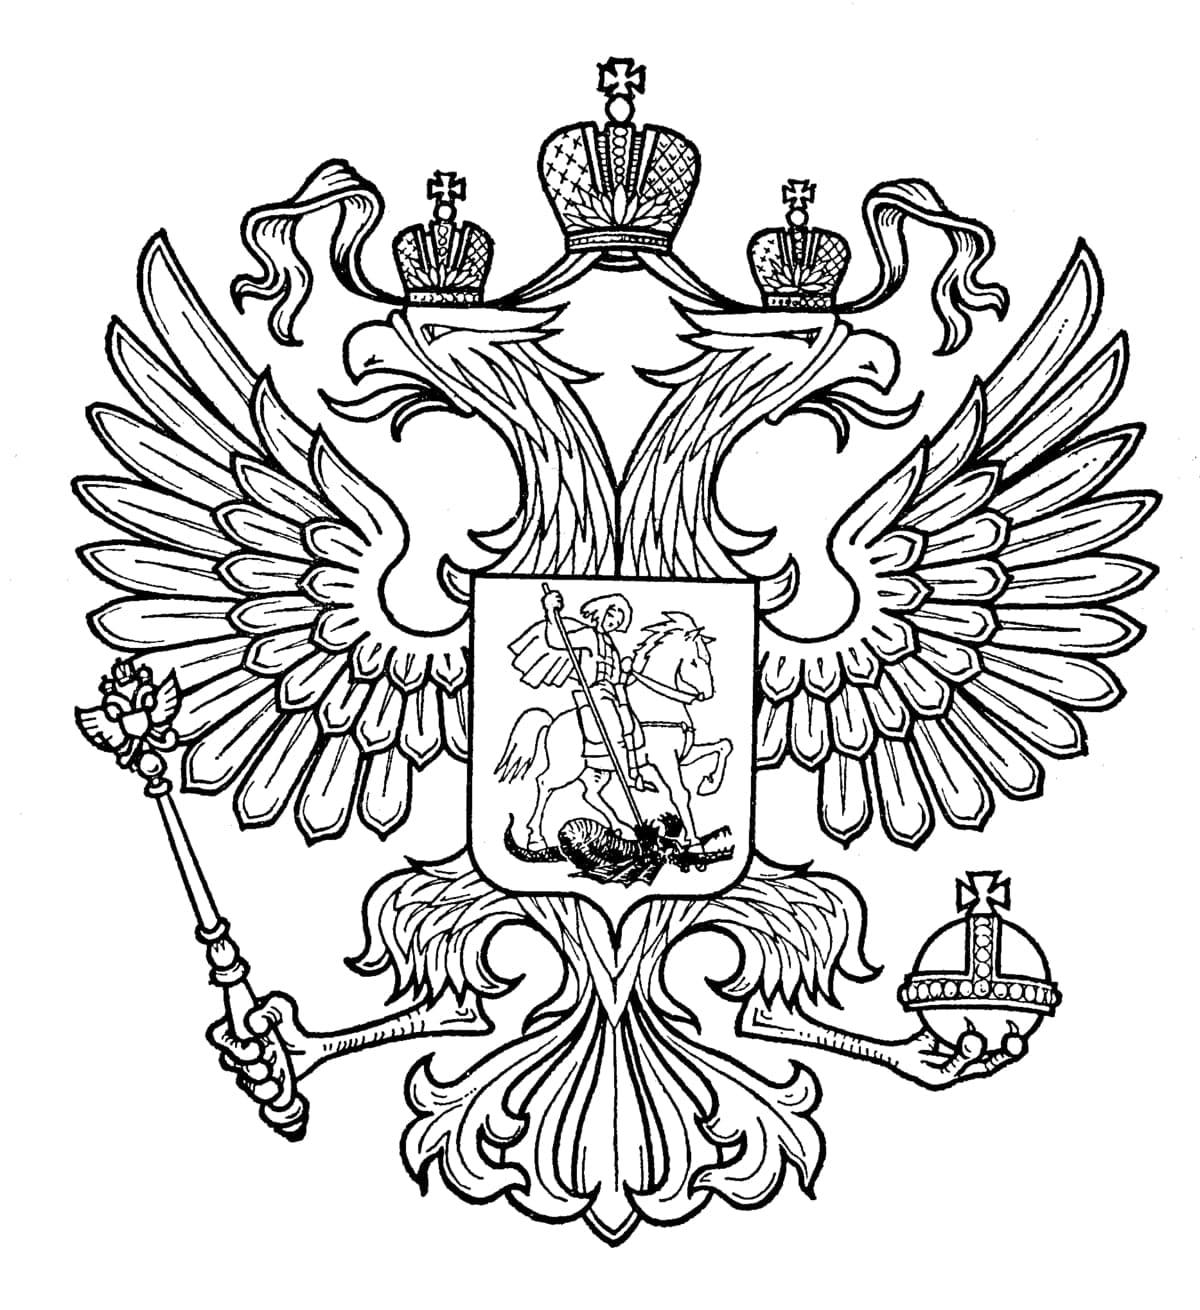 Раскраска флаг и герб России для детей. Распечатайте бесплатно